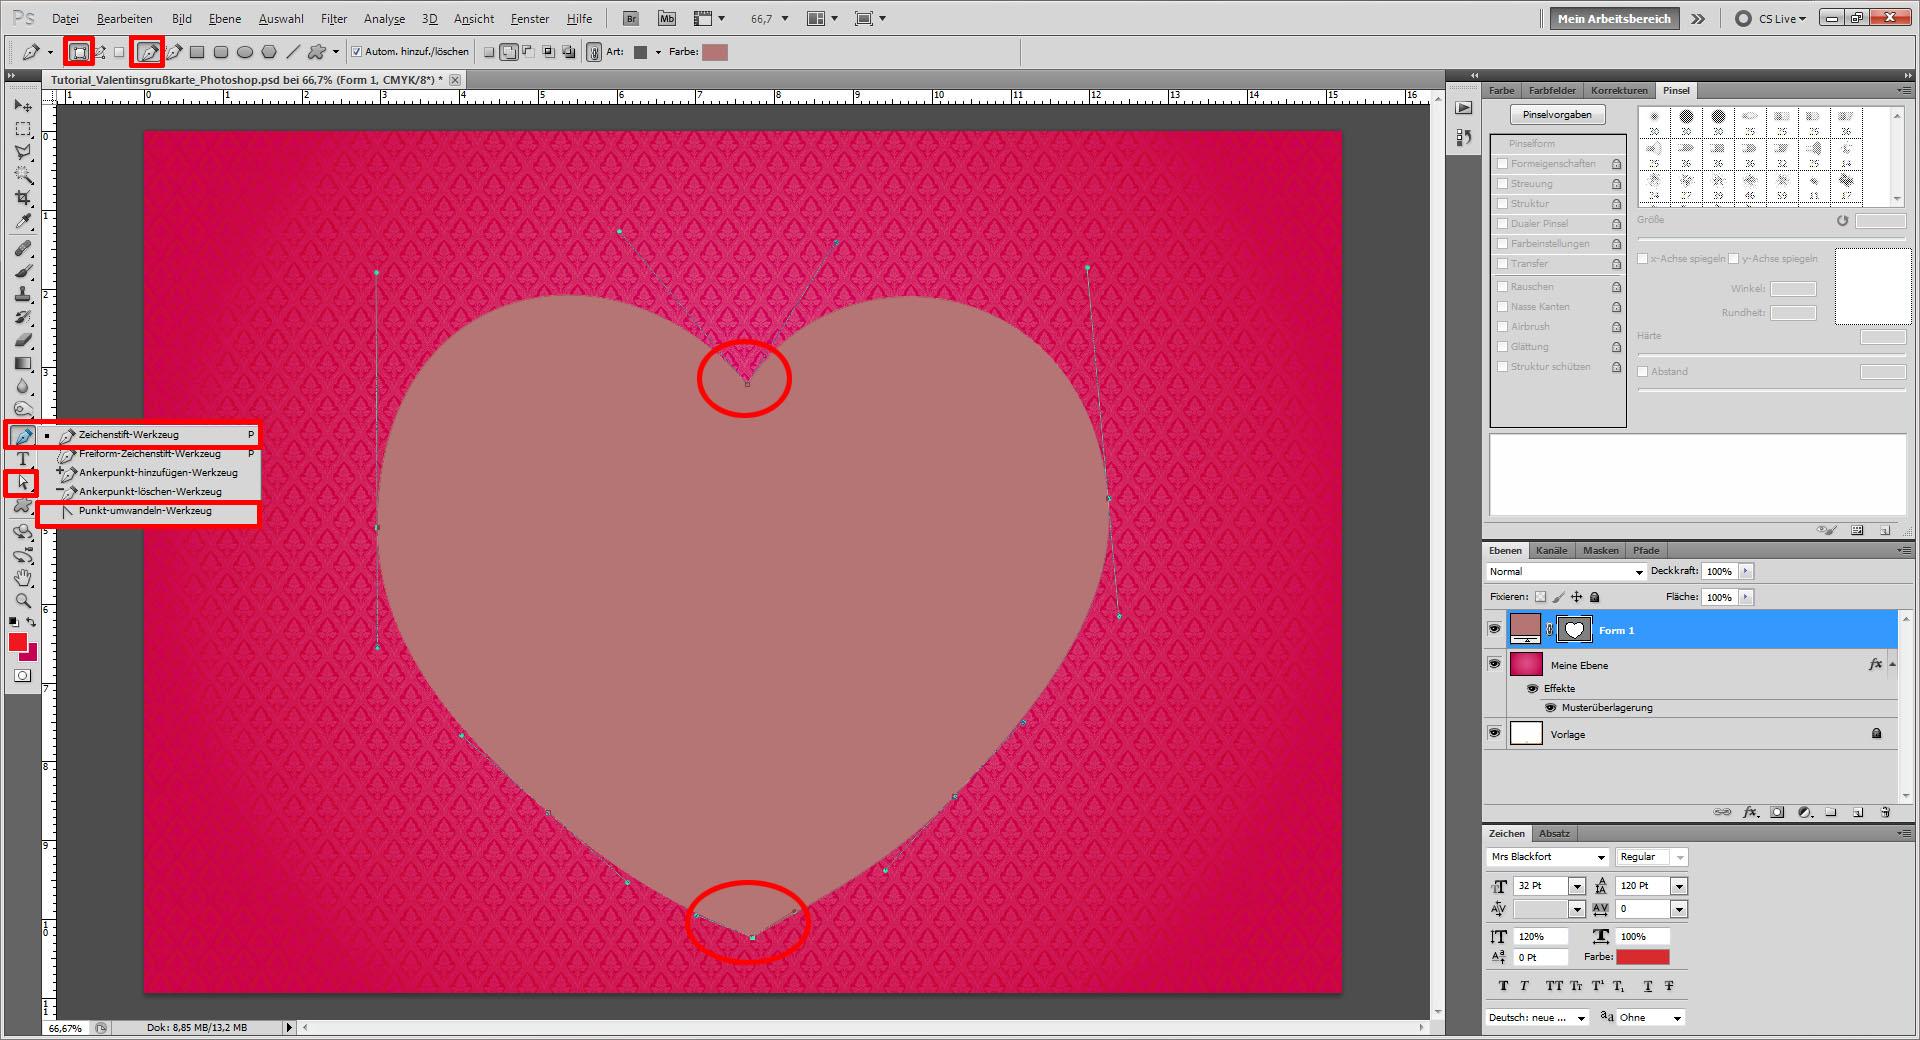 Tutorial: Valentinskarte in Photoshop gestalten » Saxoprint-Blog